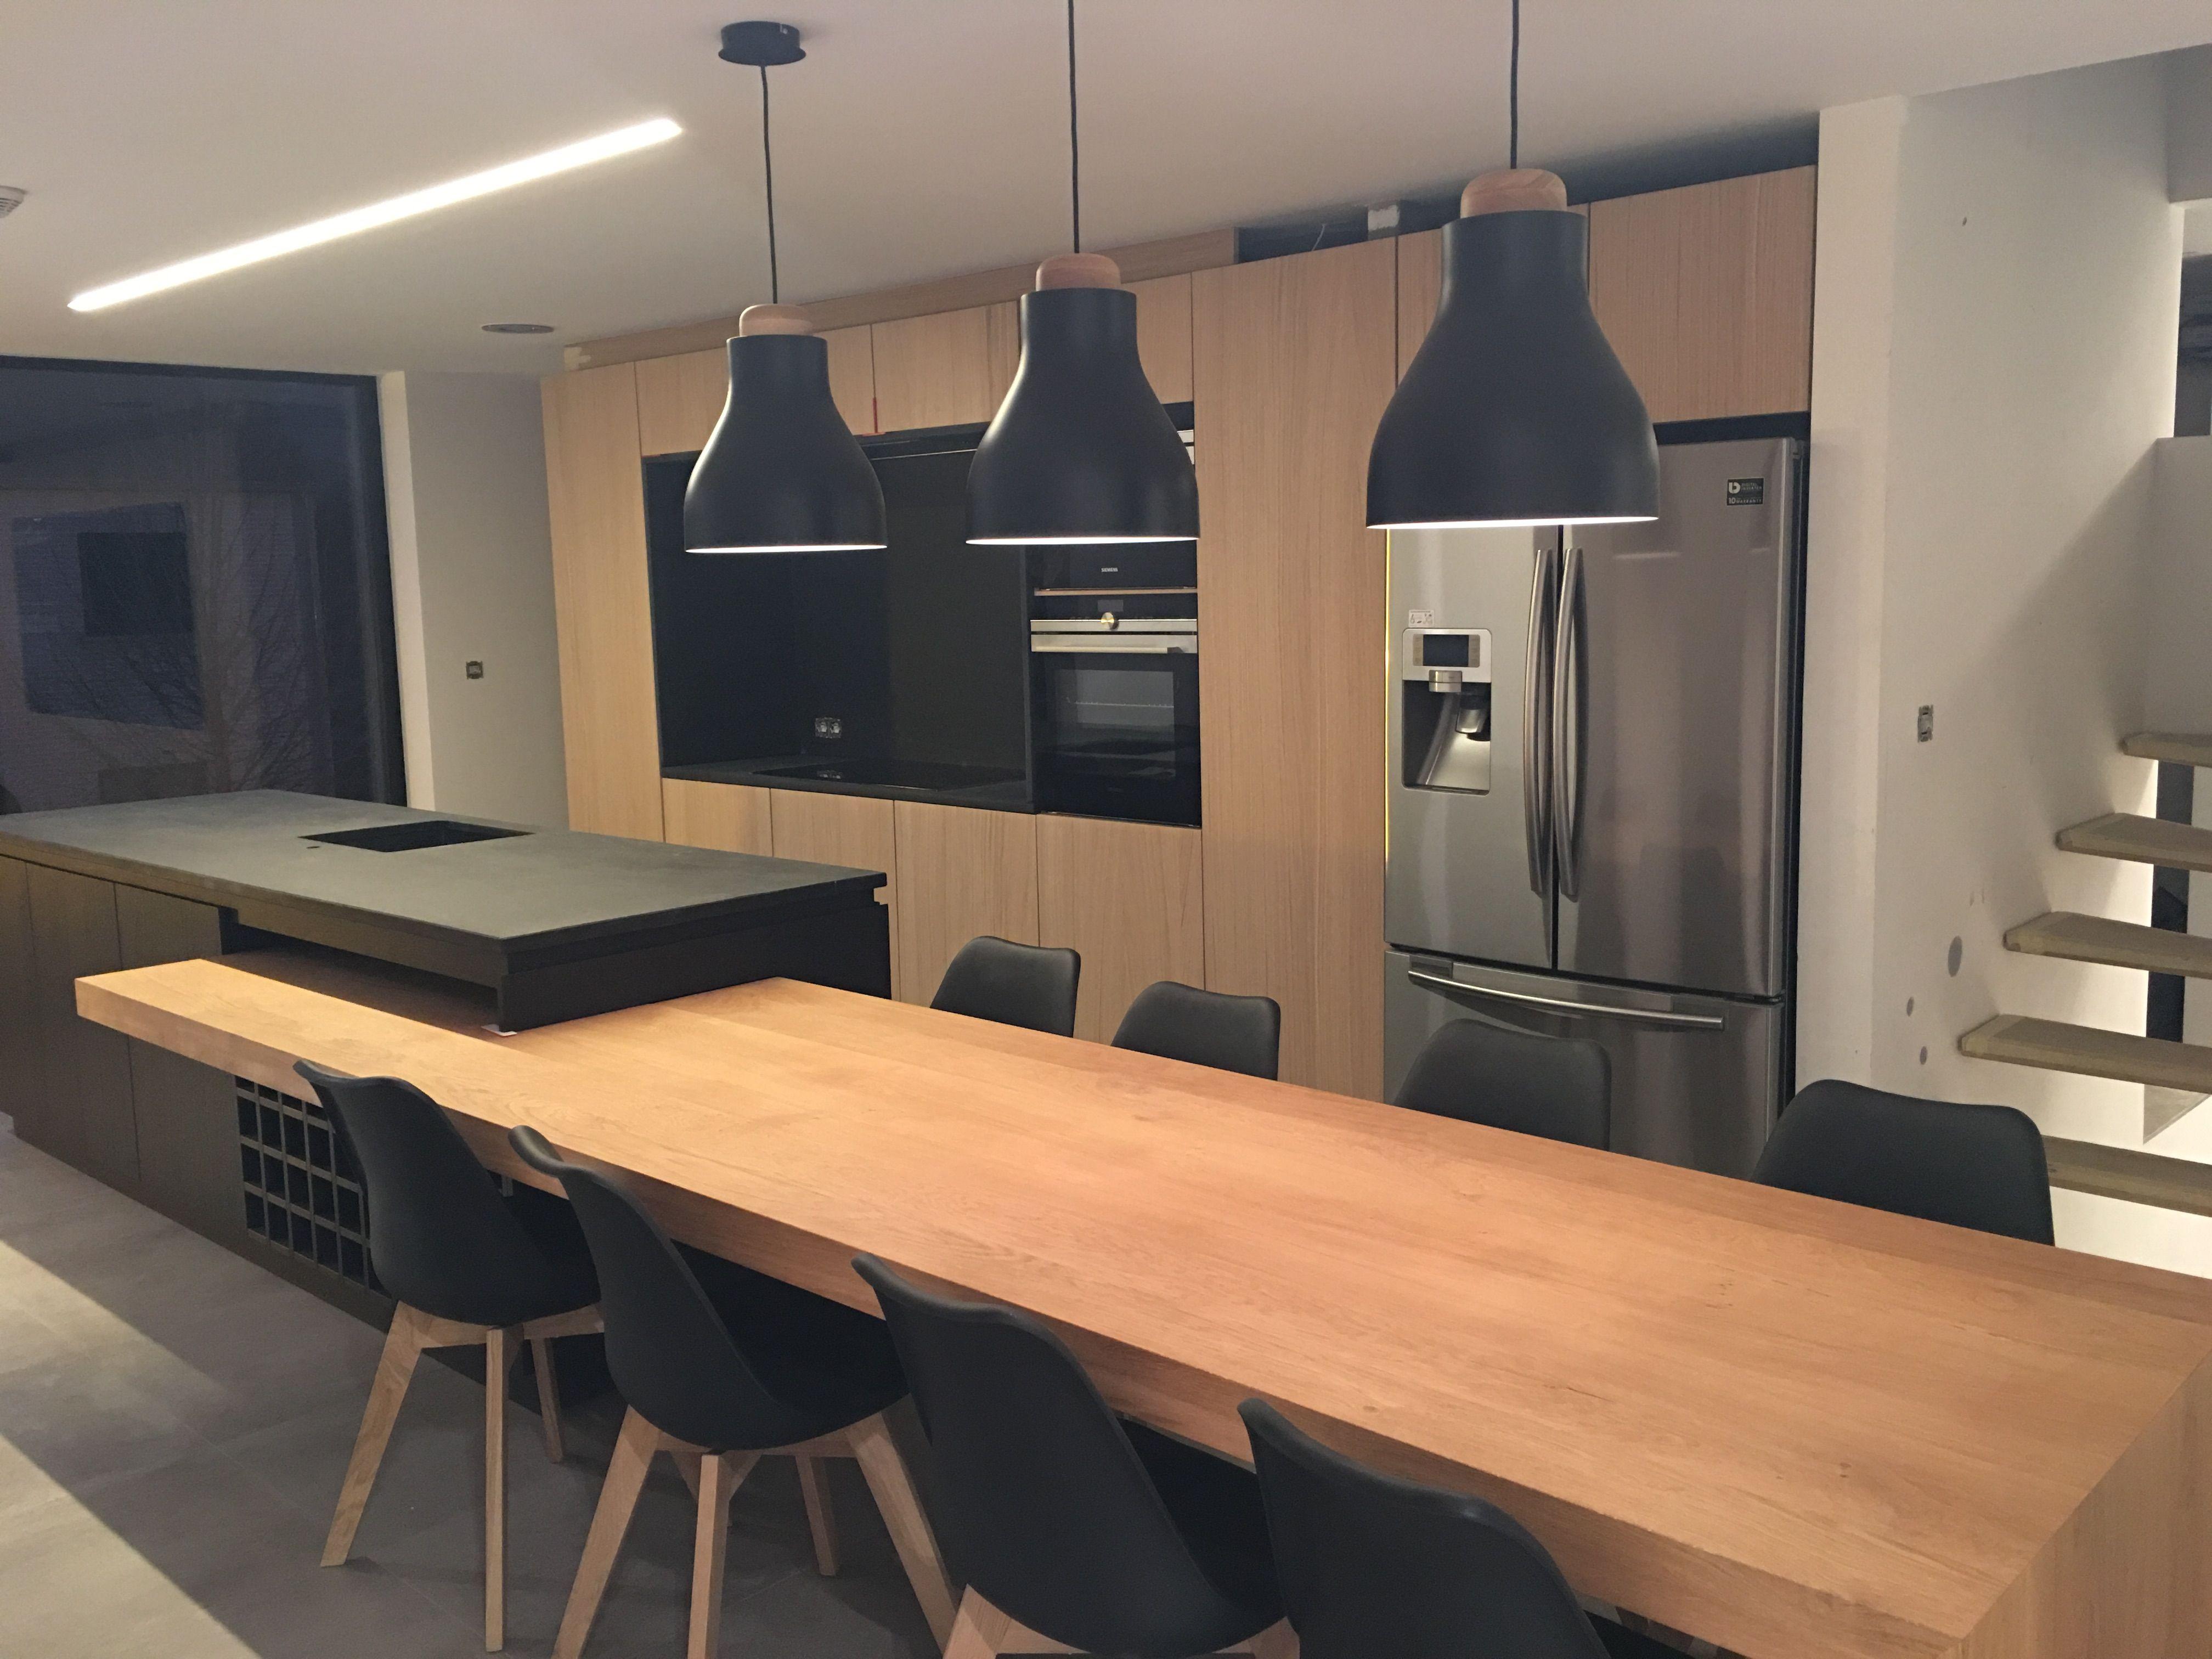 Keuken Indeling Niet Kleur Cuisine Moderne Cuisines Design